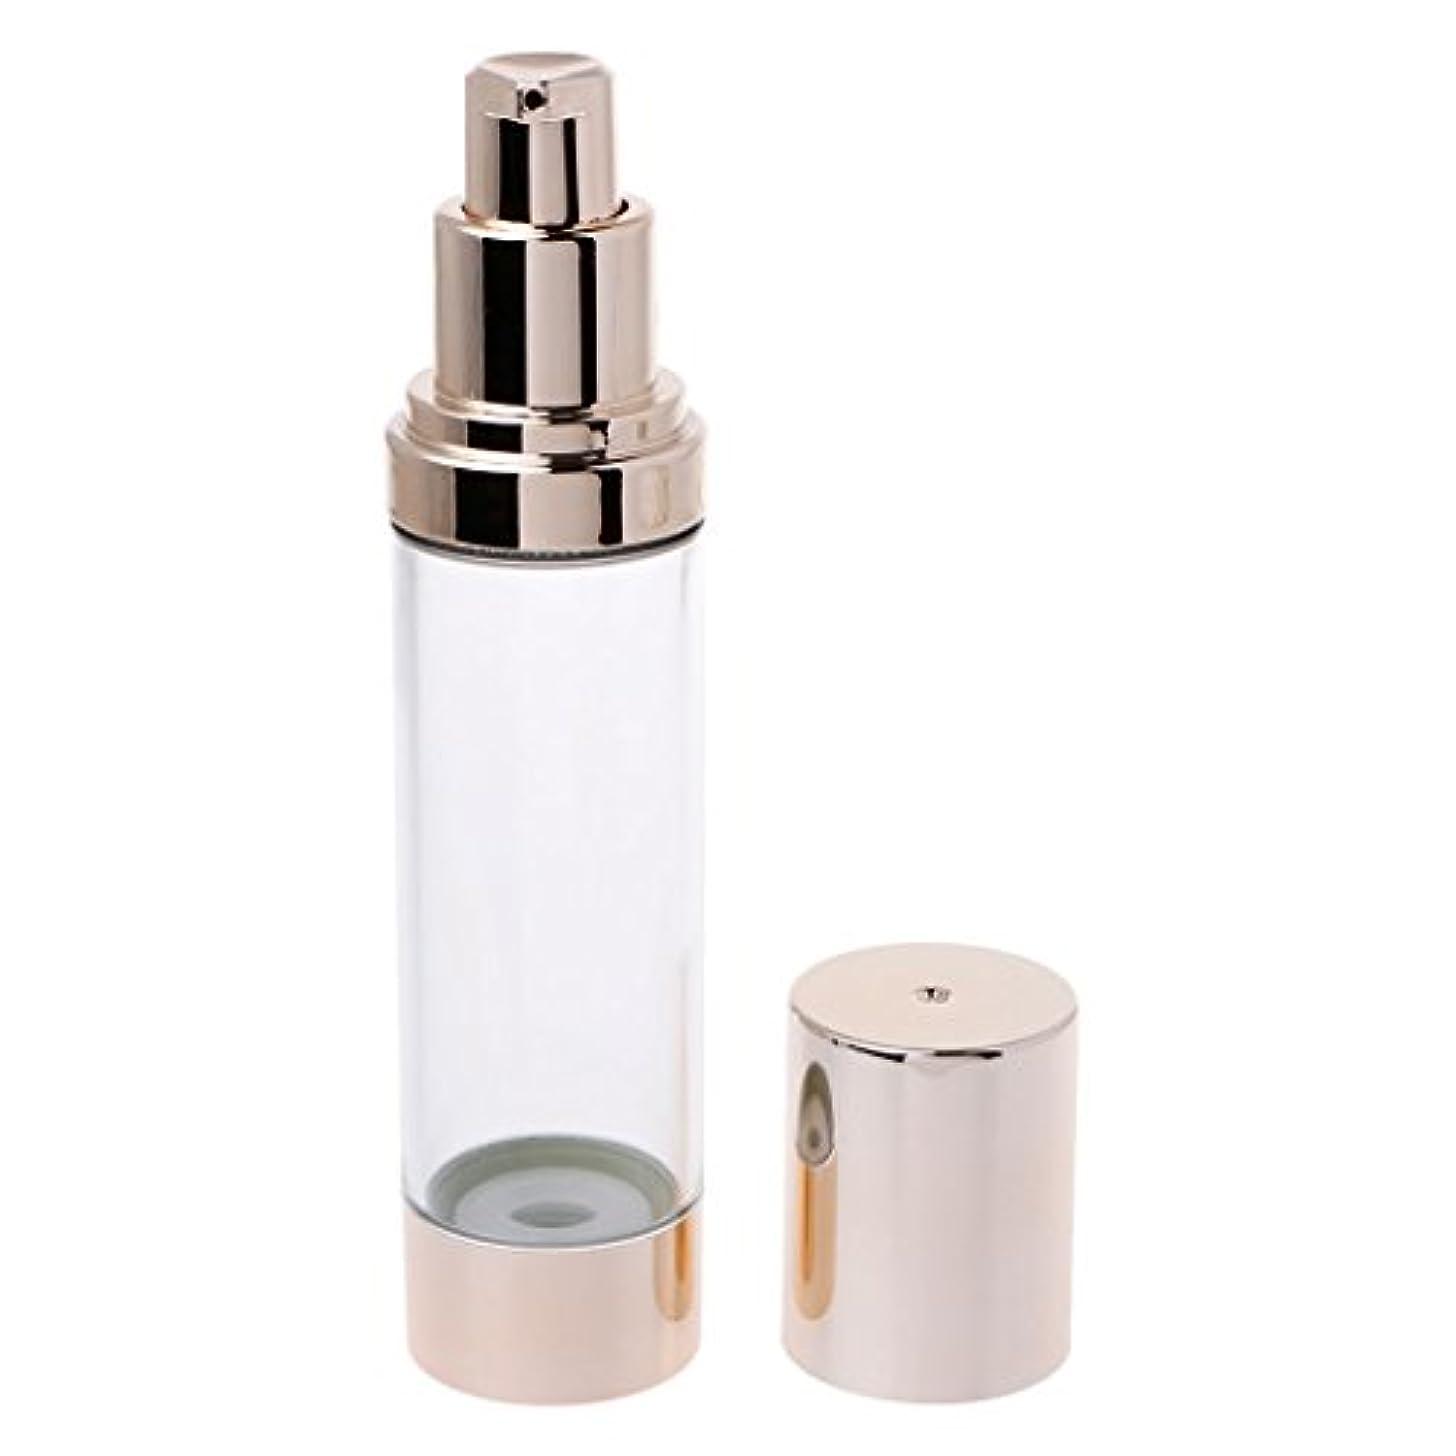 殺人者露出度の高い水星Dabixx 15/30 / 50ML空化粧品エアレスボトルプラスチック処理ポンプトラベルボトル - 50ML